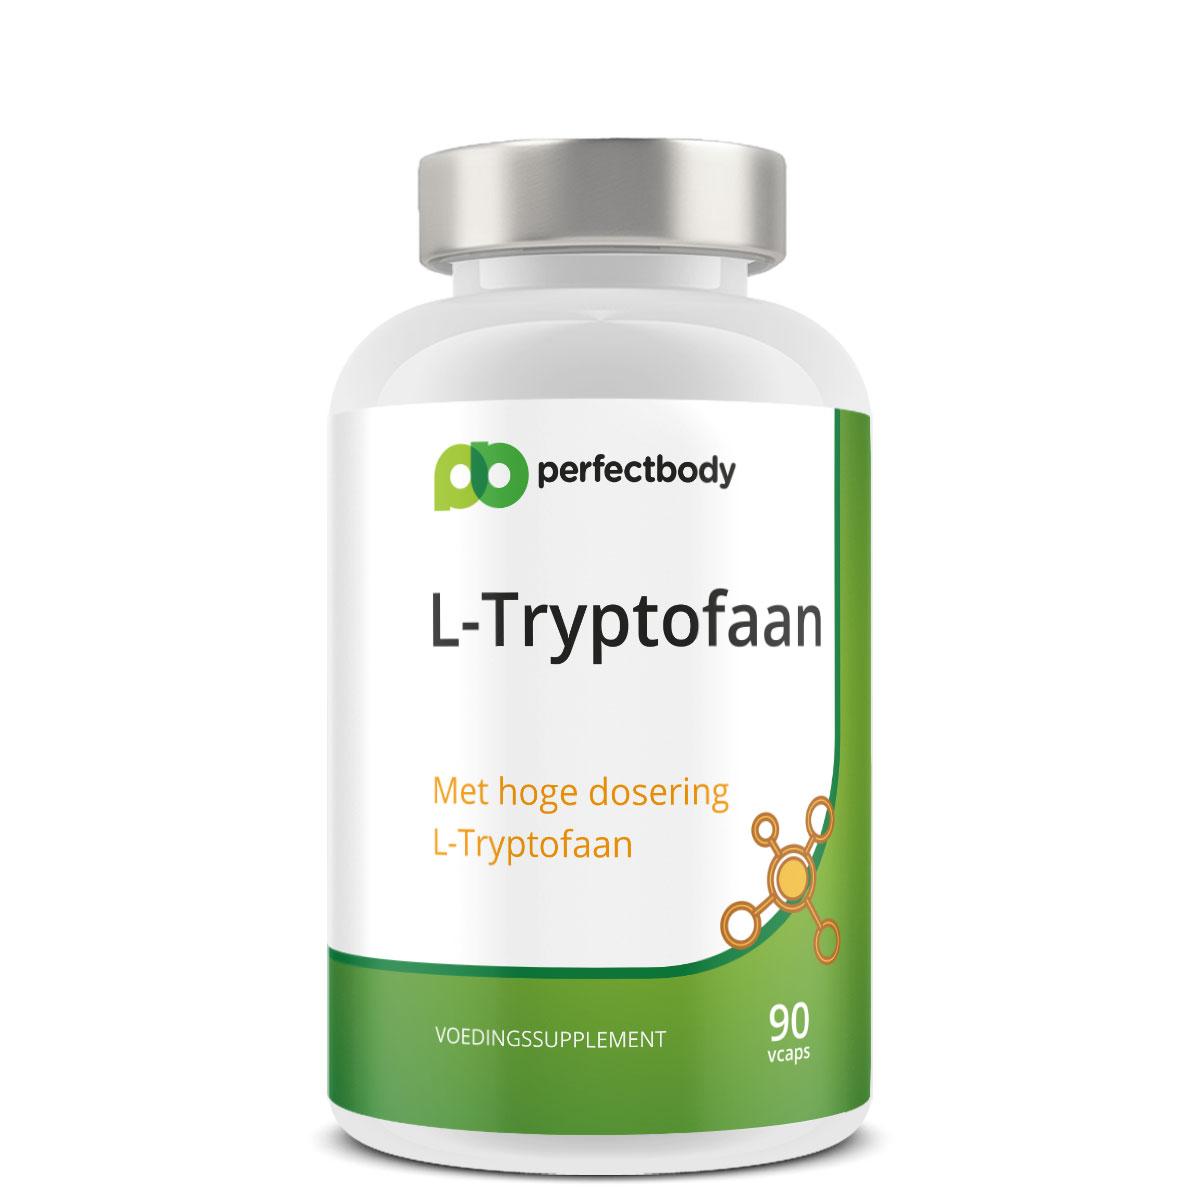 Perfectbody L-tryptofaan Supplementen - 90 Vcaps